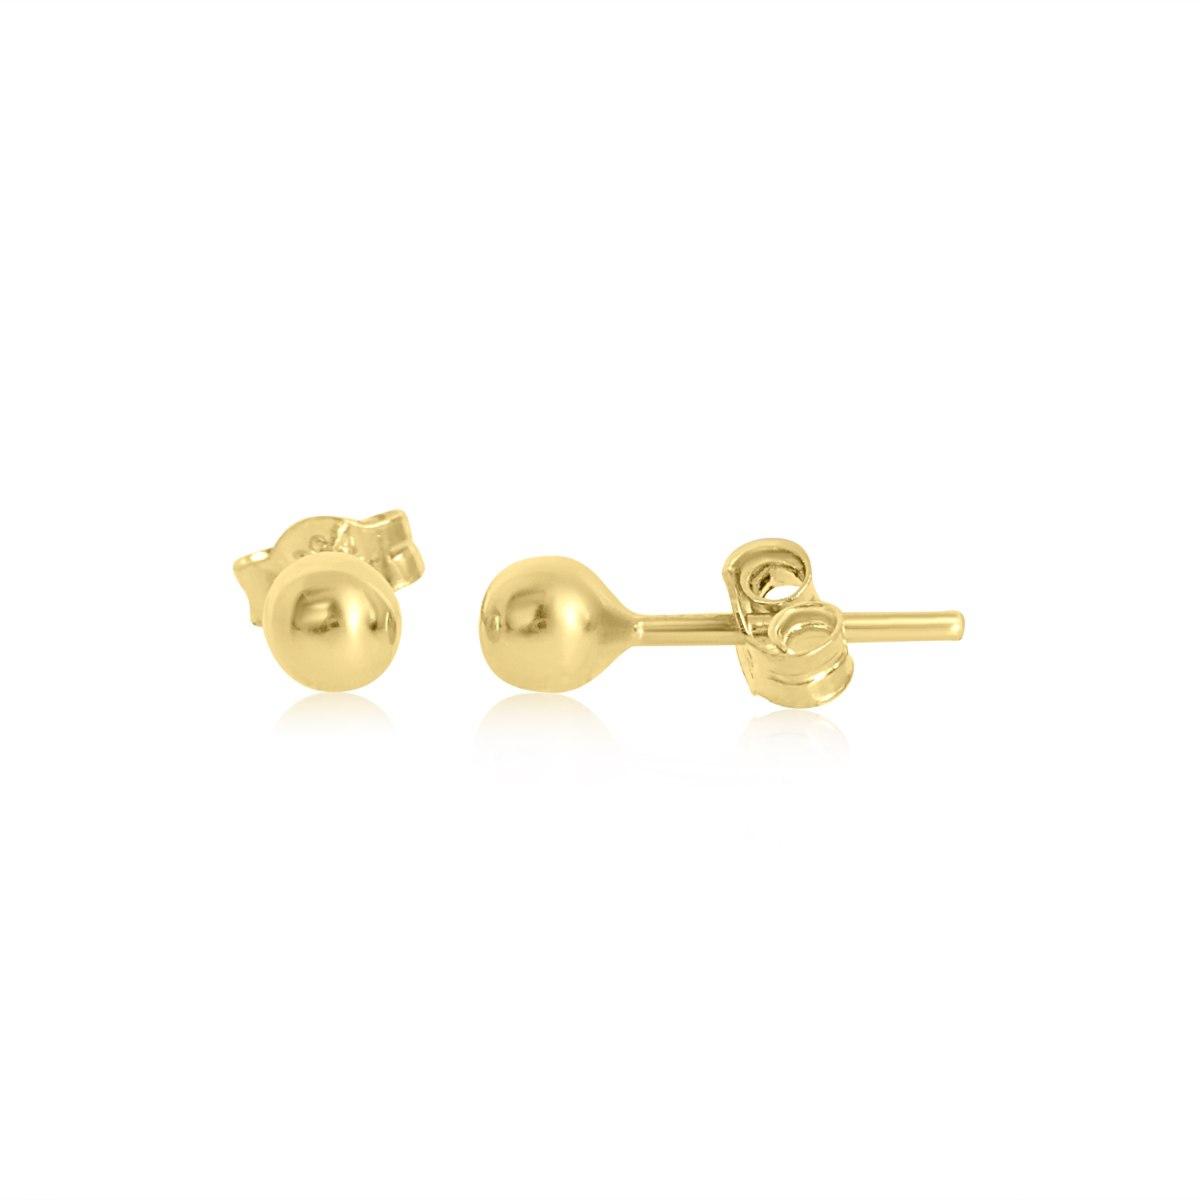 עגילי זהב כדורים צמודים